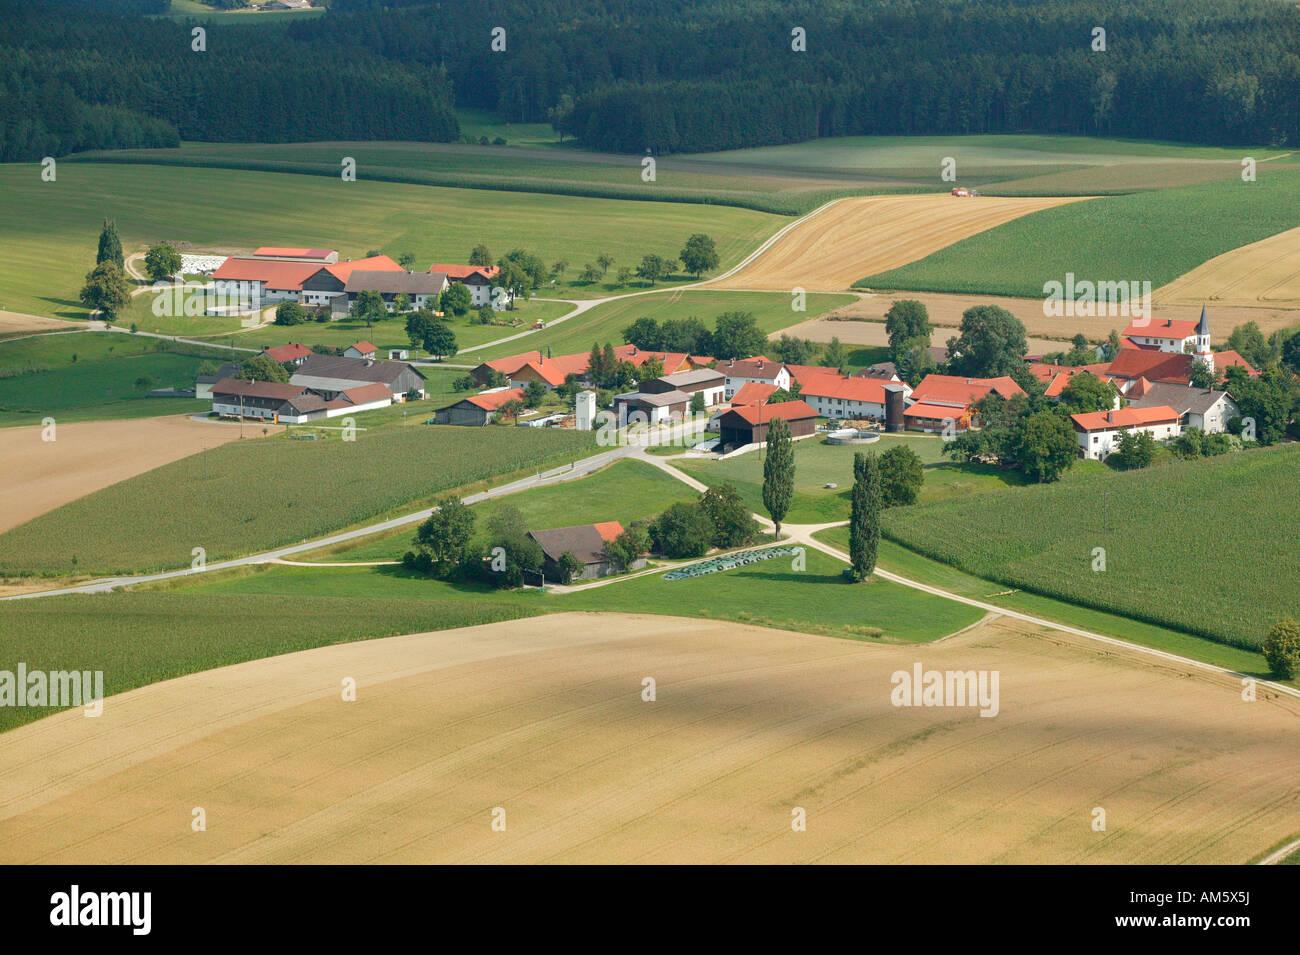 Rural settlement in agrarian landscape, Lower Bavaria, Bavaria, Germany Stock Photo